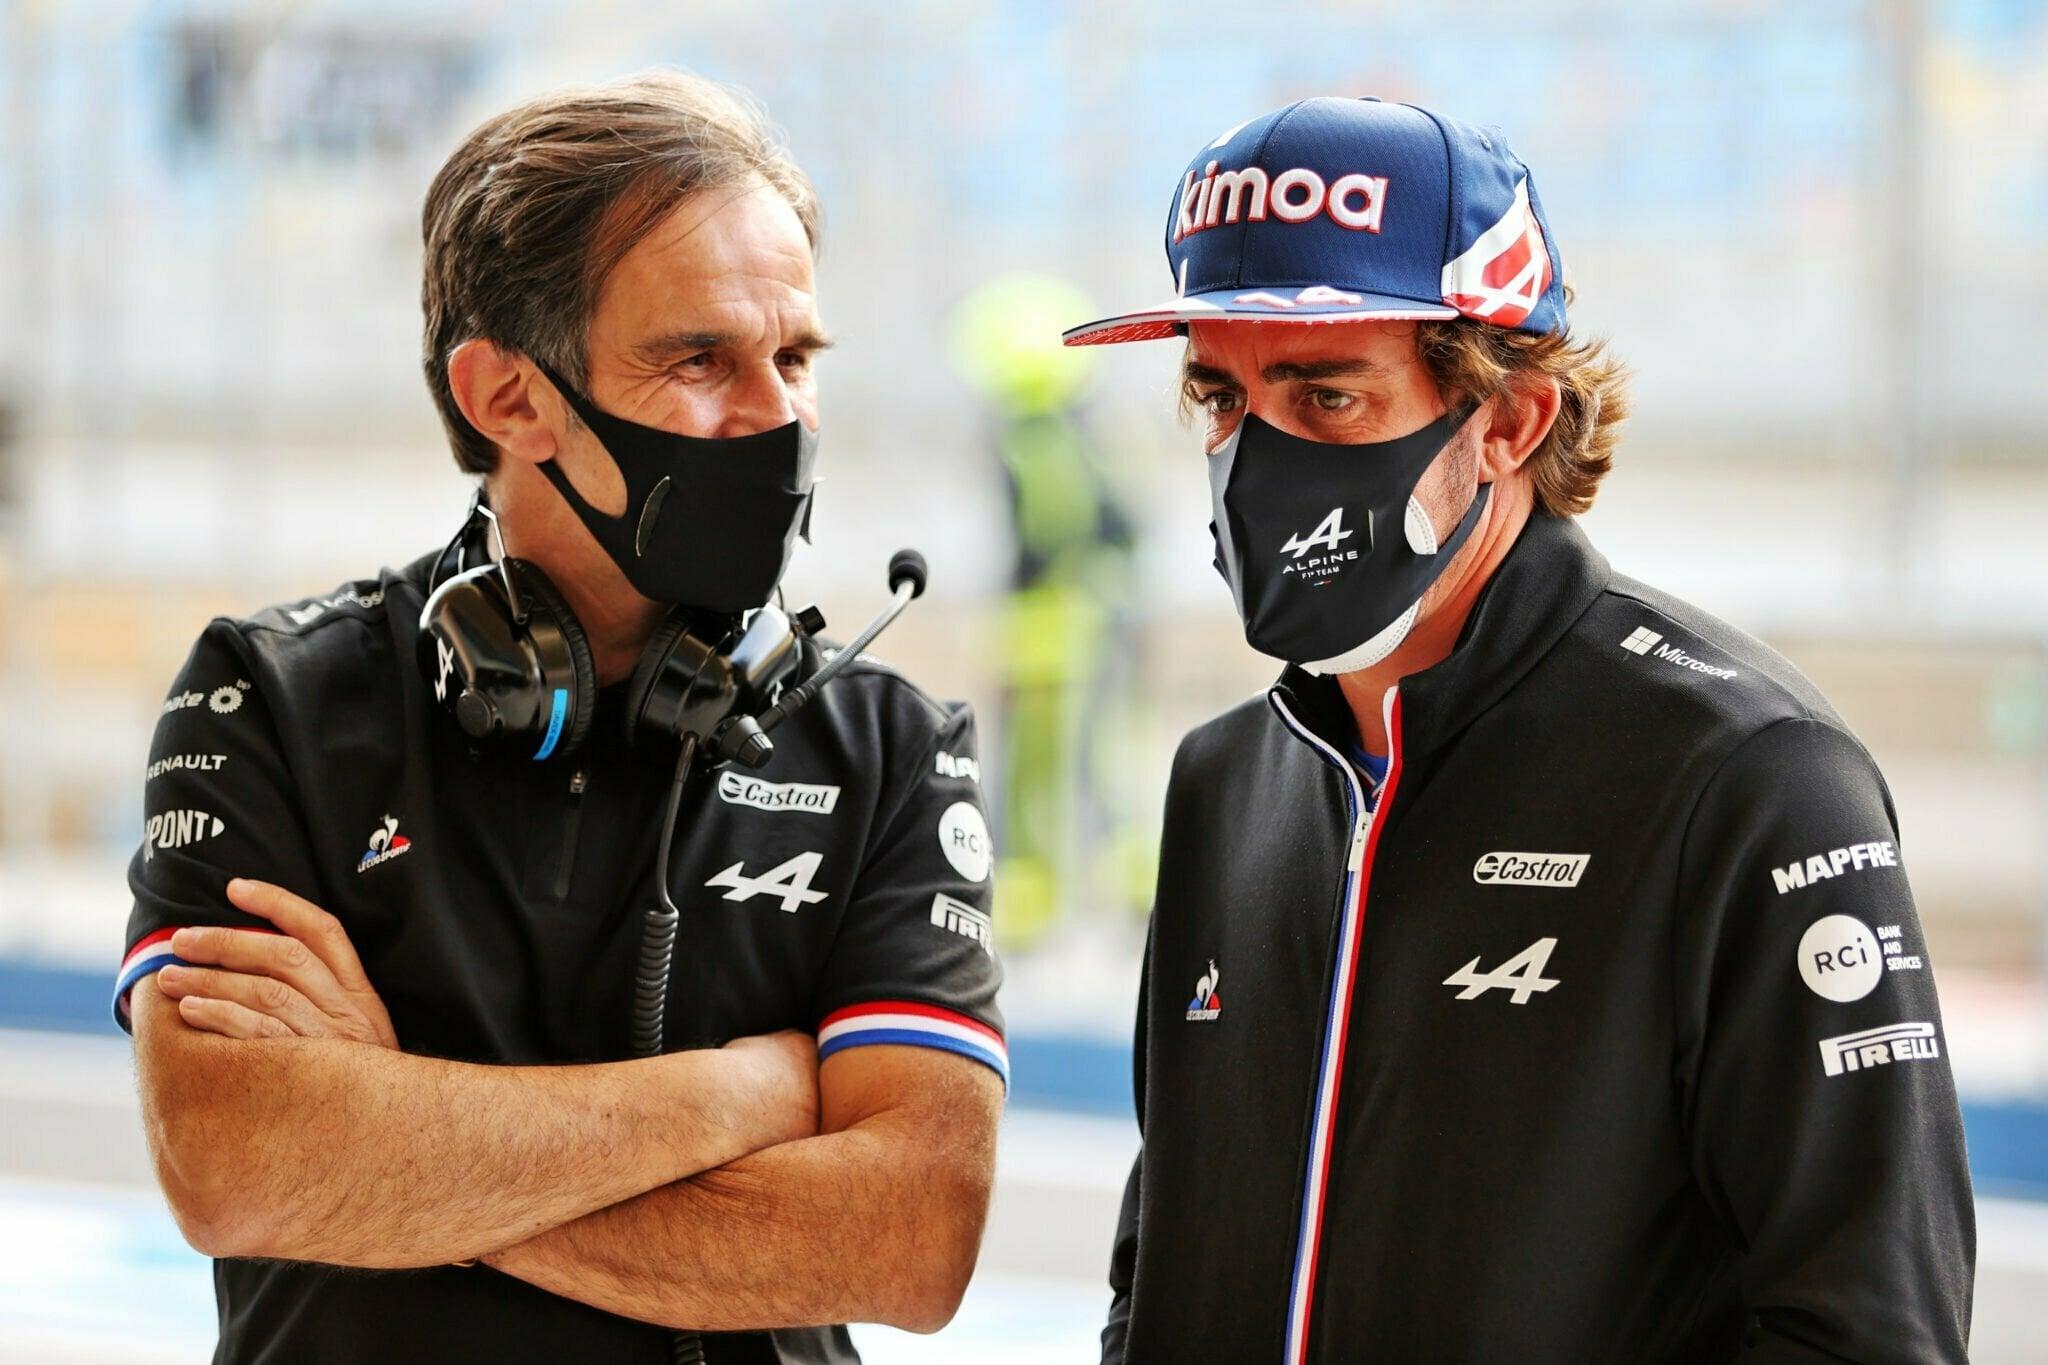 Alpine F1 Team Fernando Alonso A521 Bahrein 2021 3   Alpine F1 Team : la 9ème et 16ème position pour Alonso et Ocon aux qualifications à Bahreïn